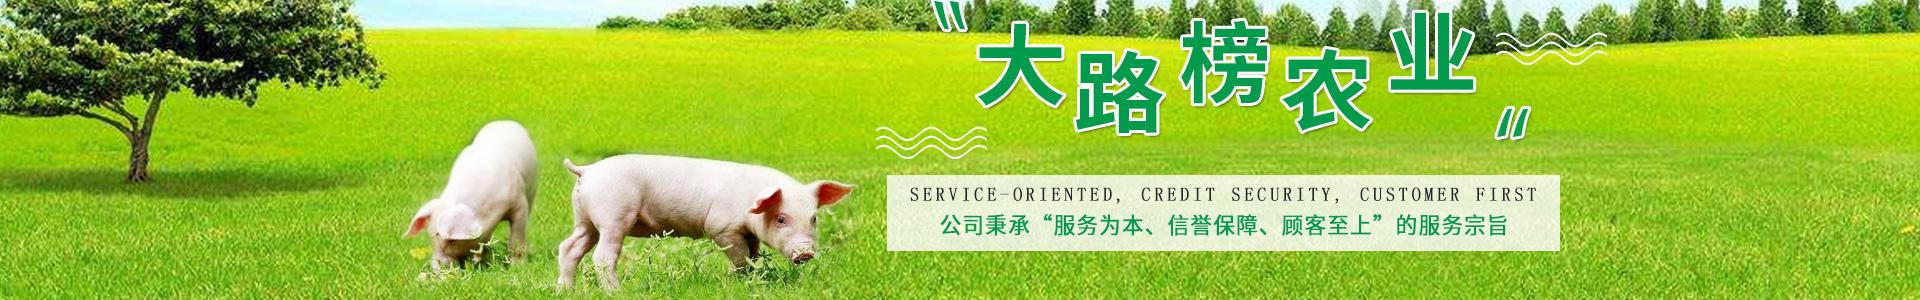 http://www.dalubang.cn/data/upload/202005/20200528134447_915.jpg